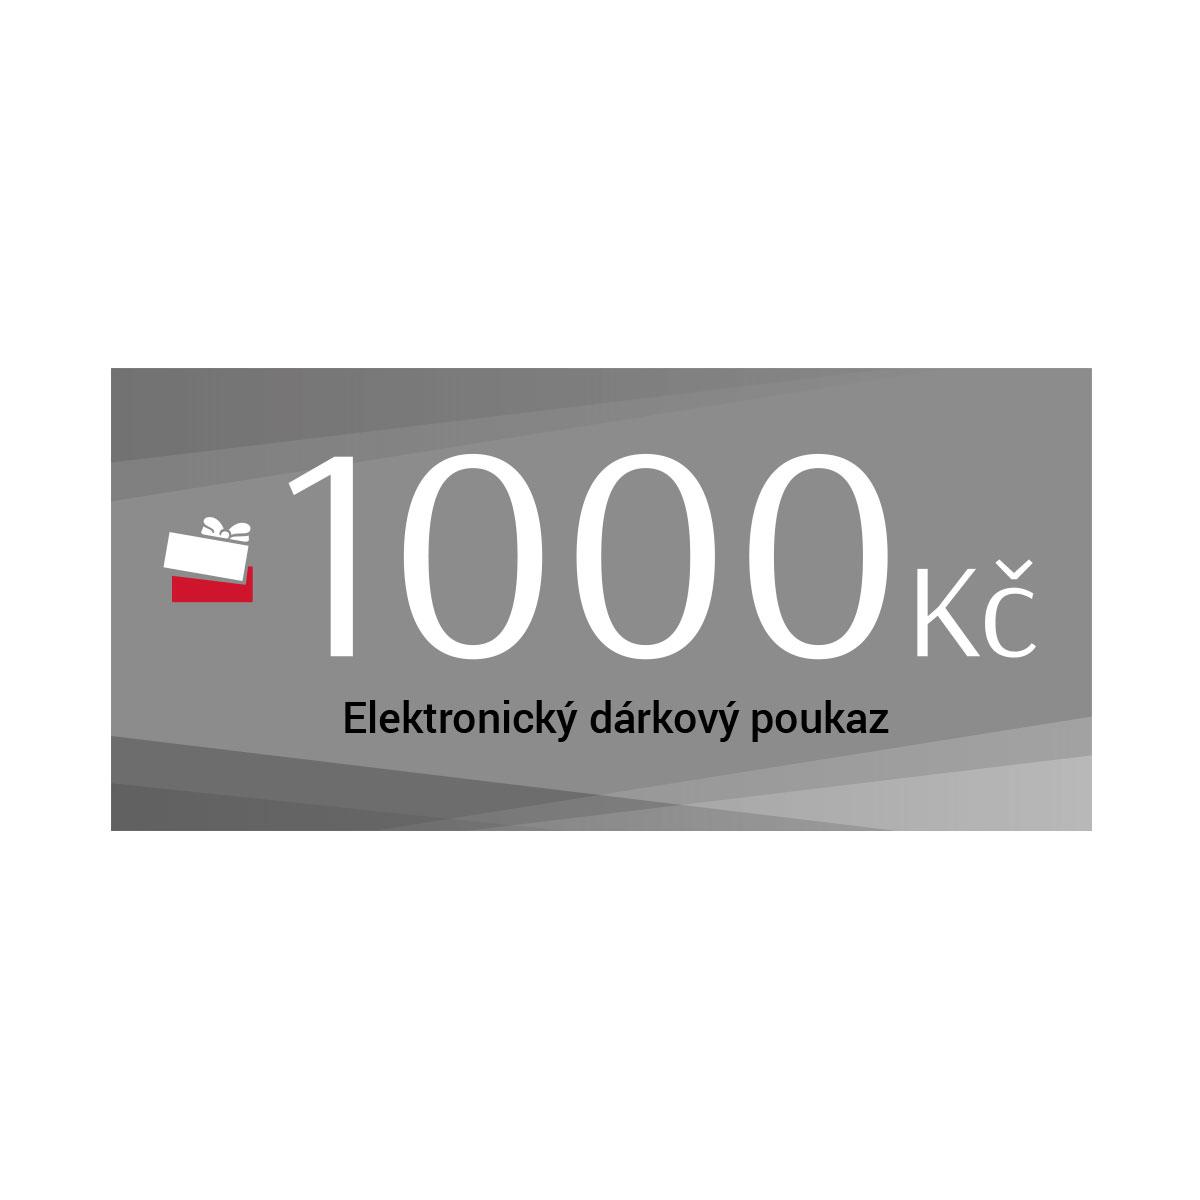 Dárkový poukaz 1000 Kč elektronický